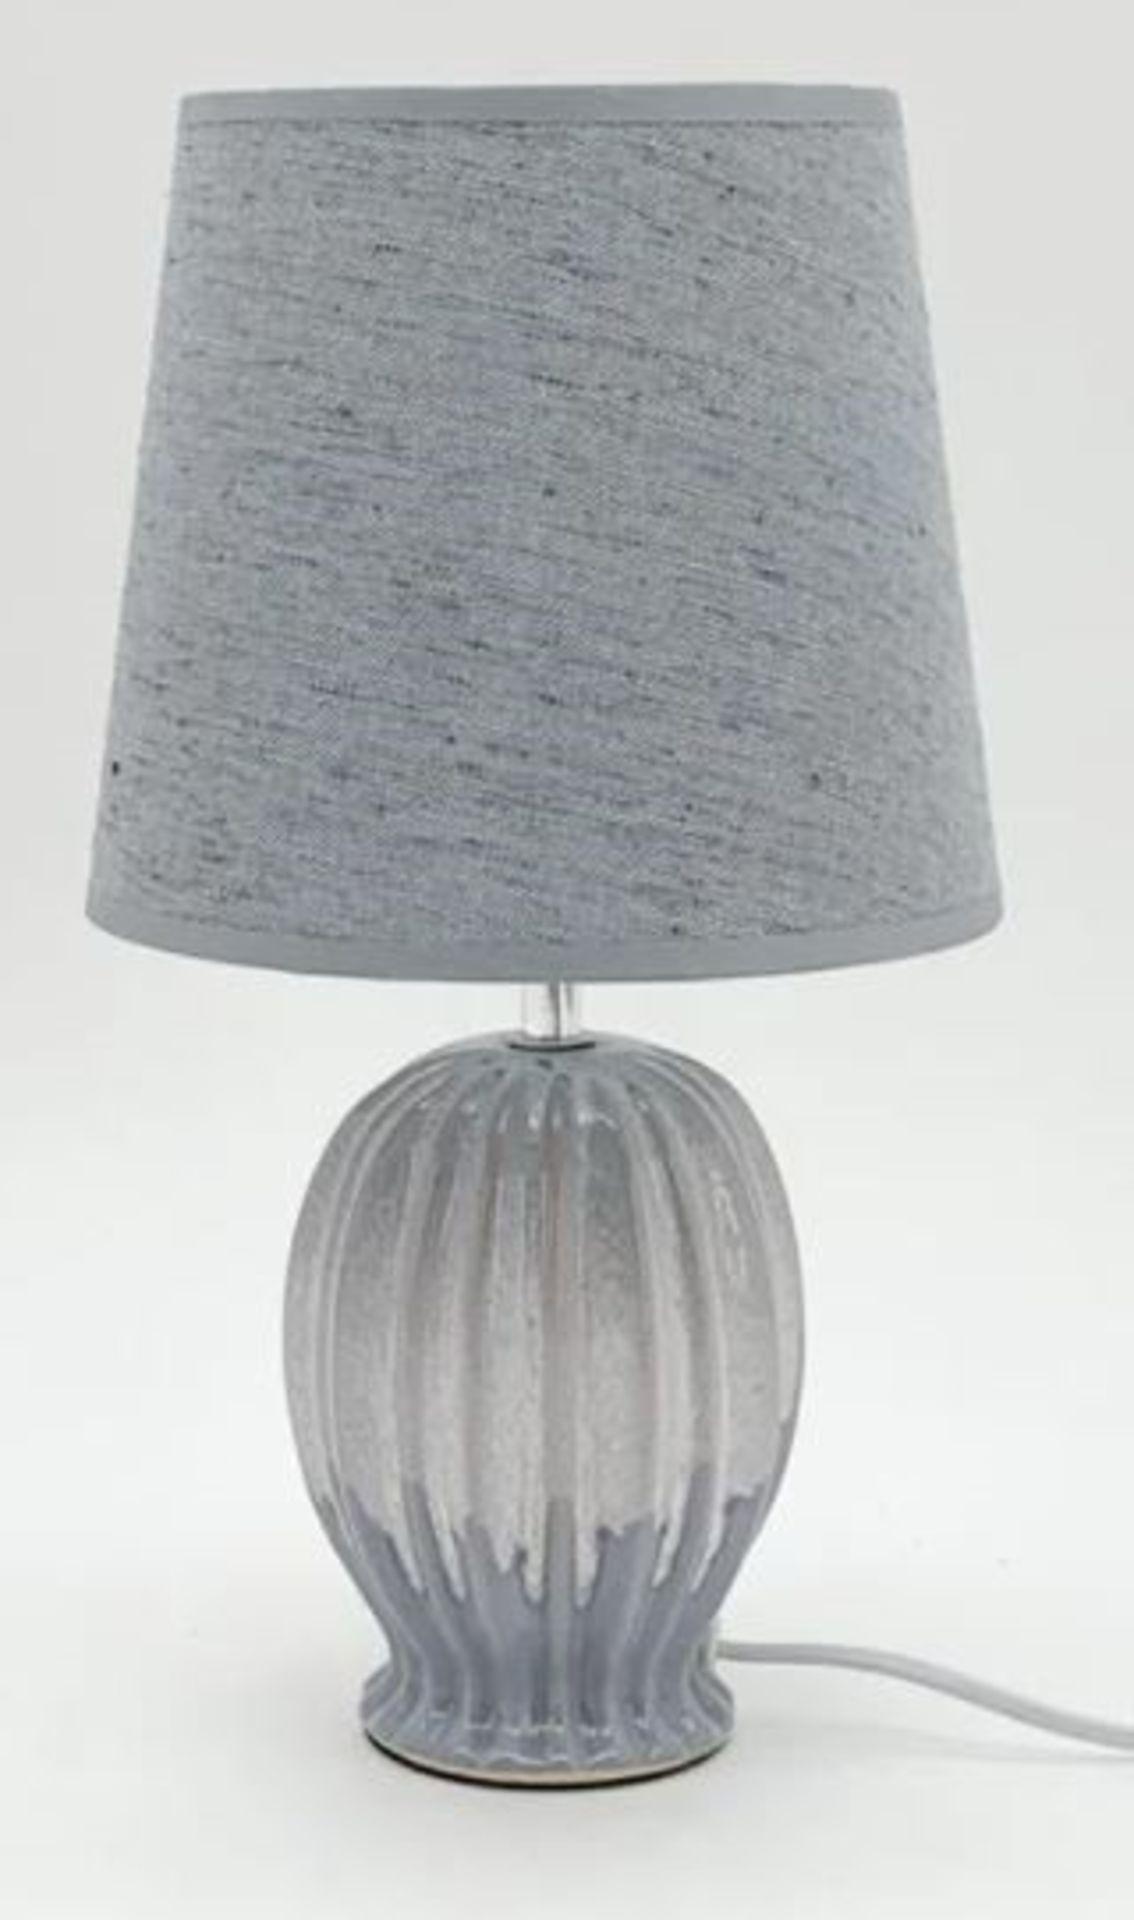 EARLES 40CM TABLE LAMP